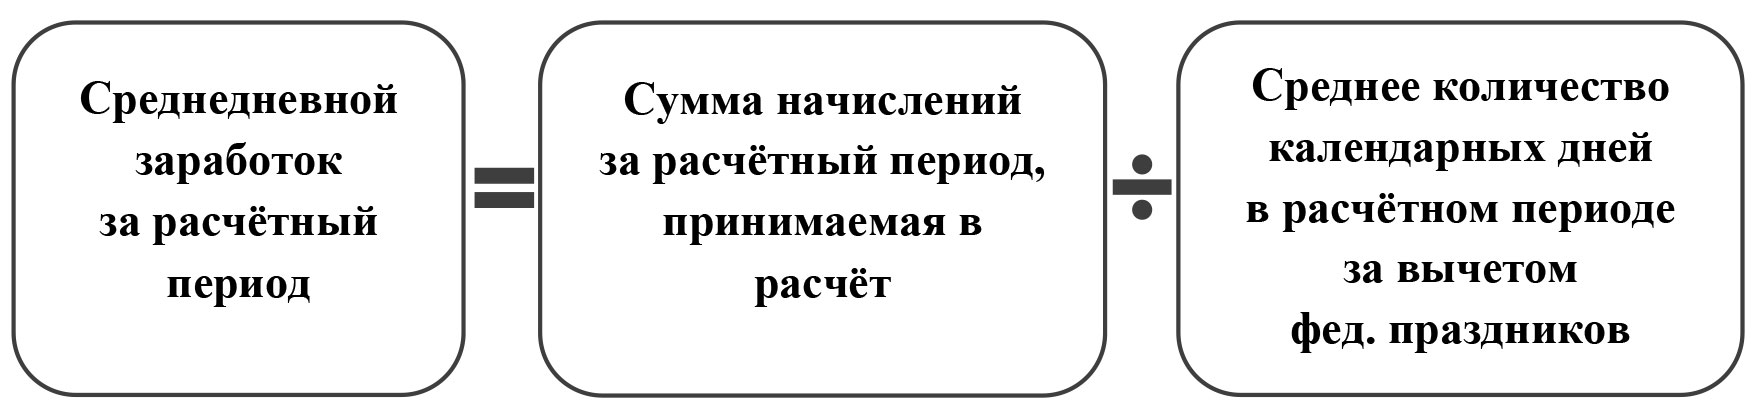 mekhanizm-raschyota-2